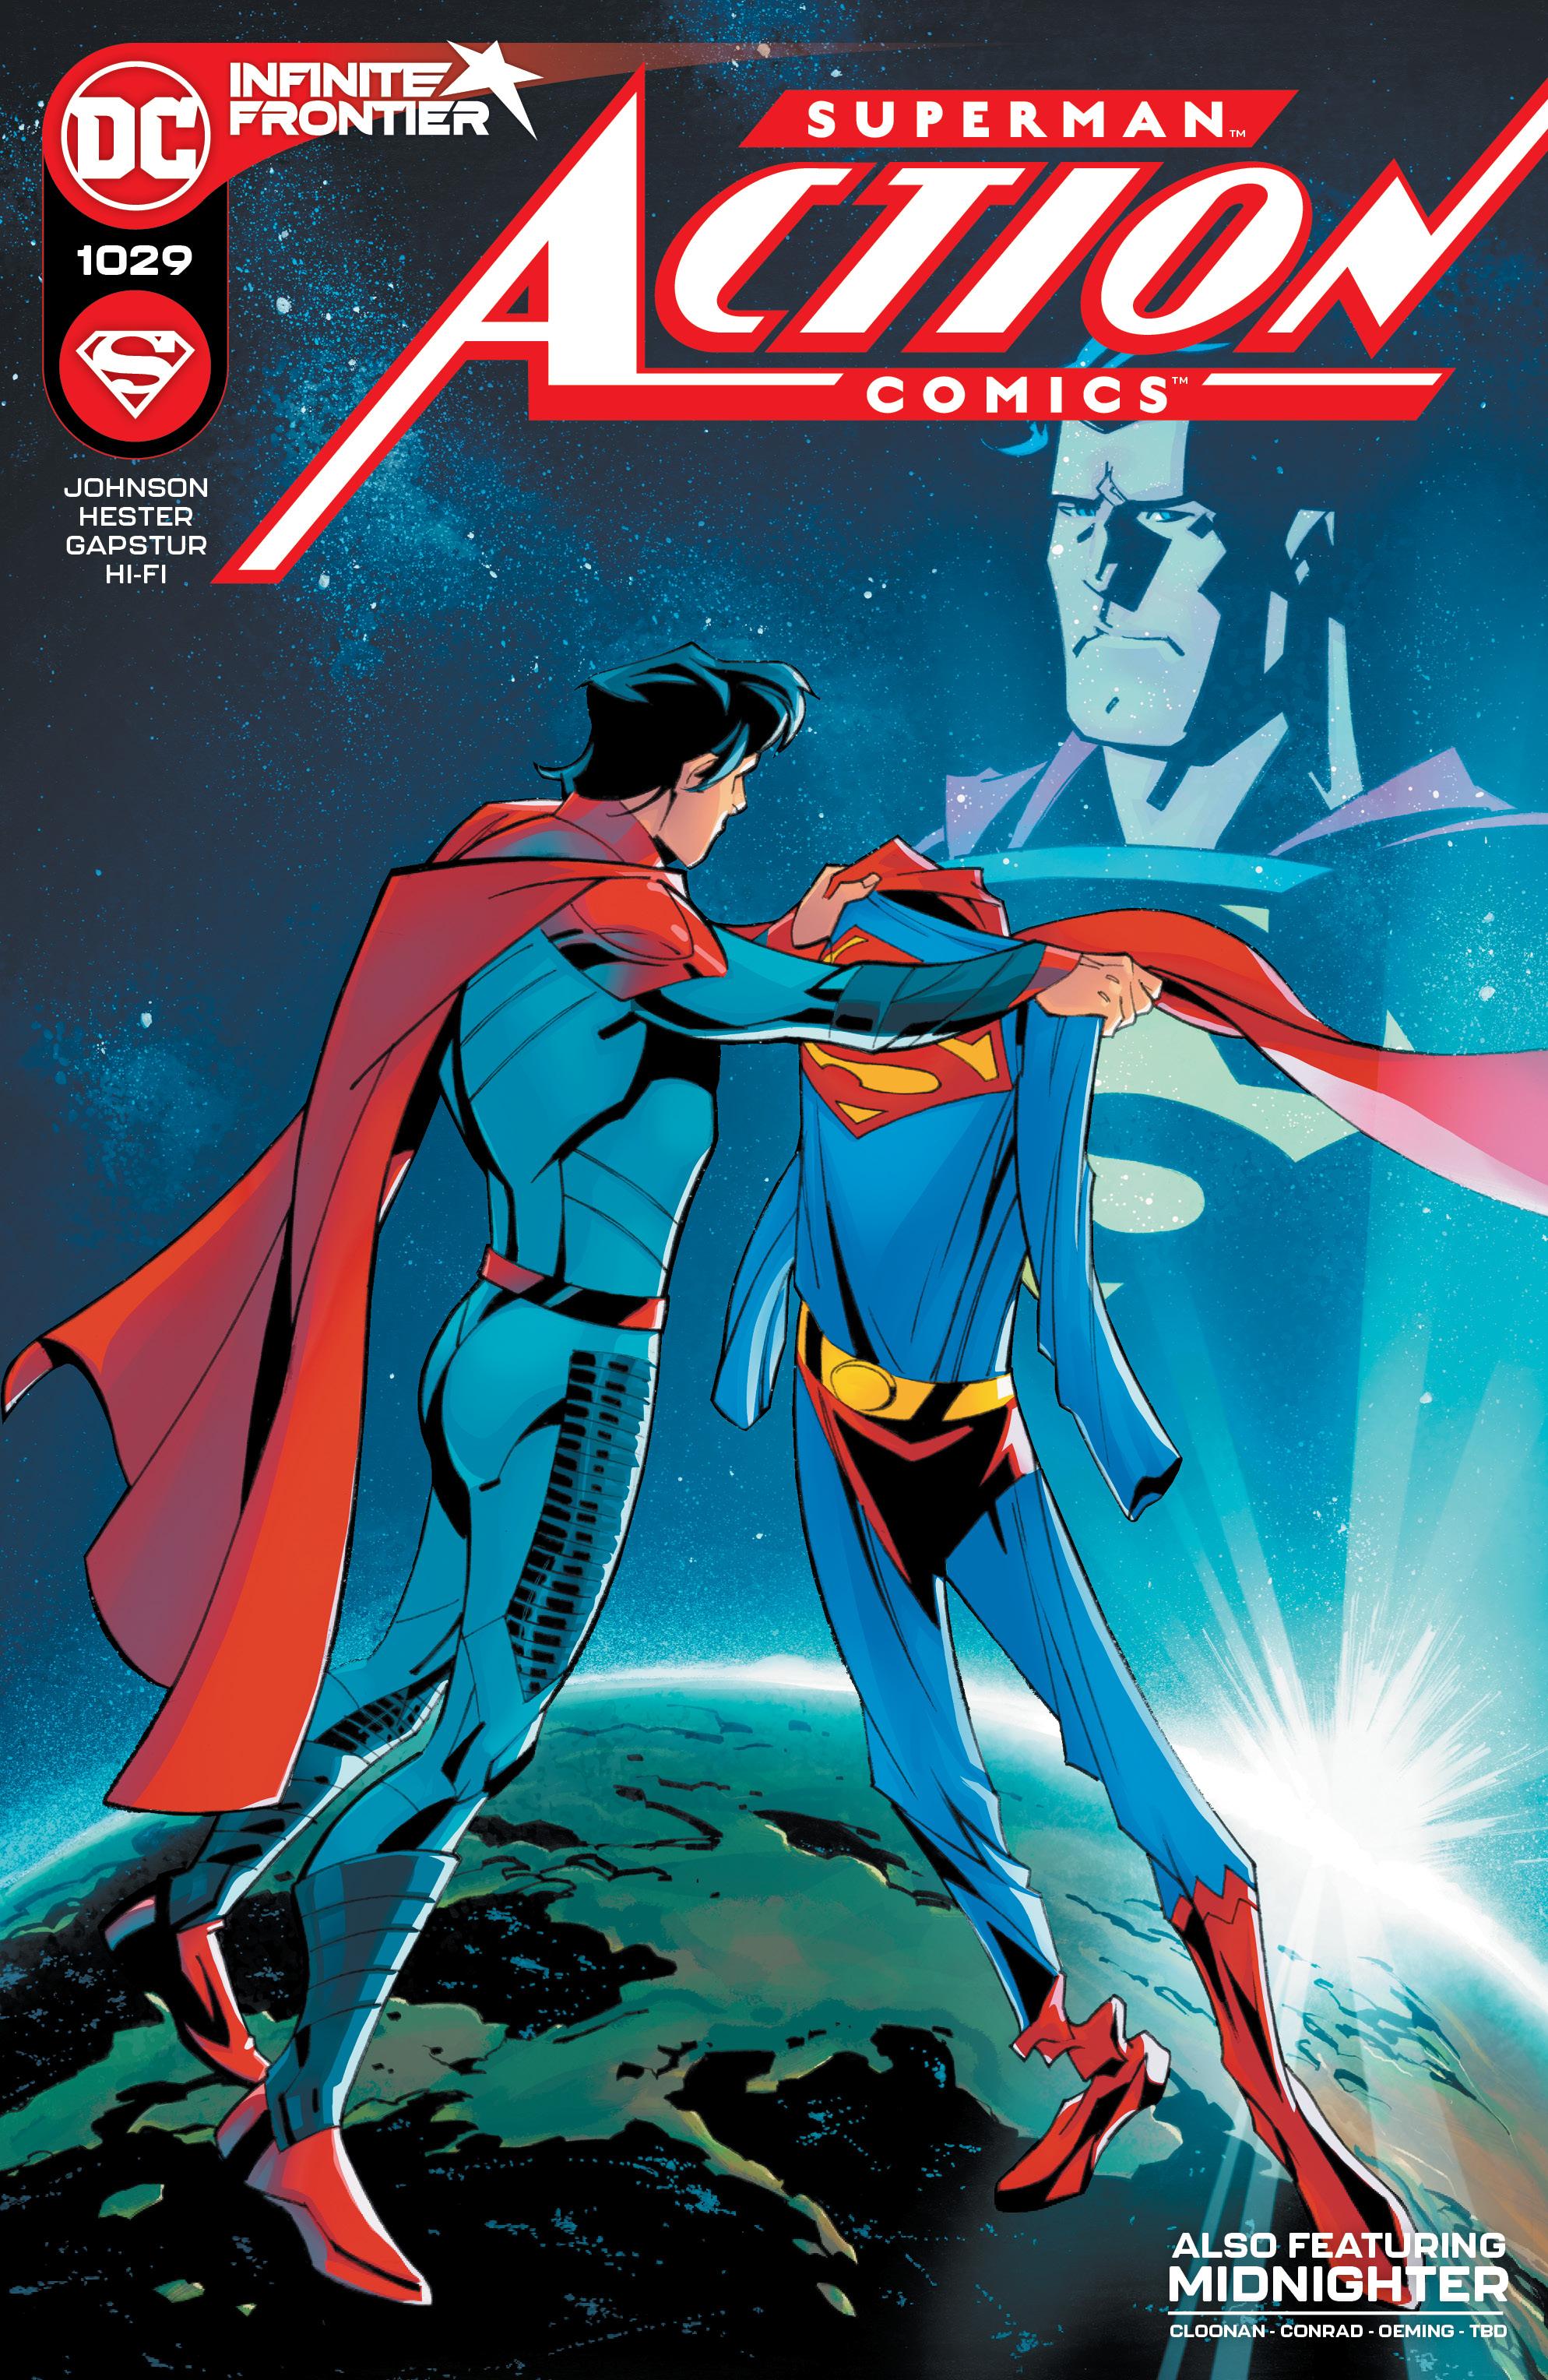 Action Comics Vol 2 #1029 Cover A